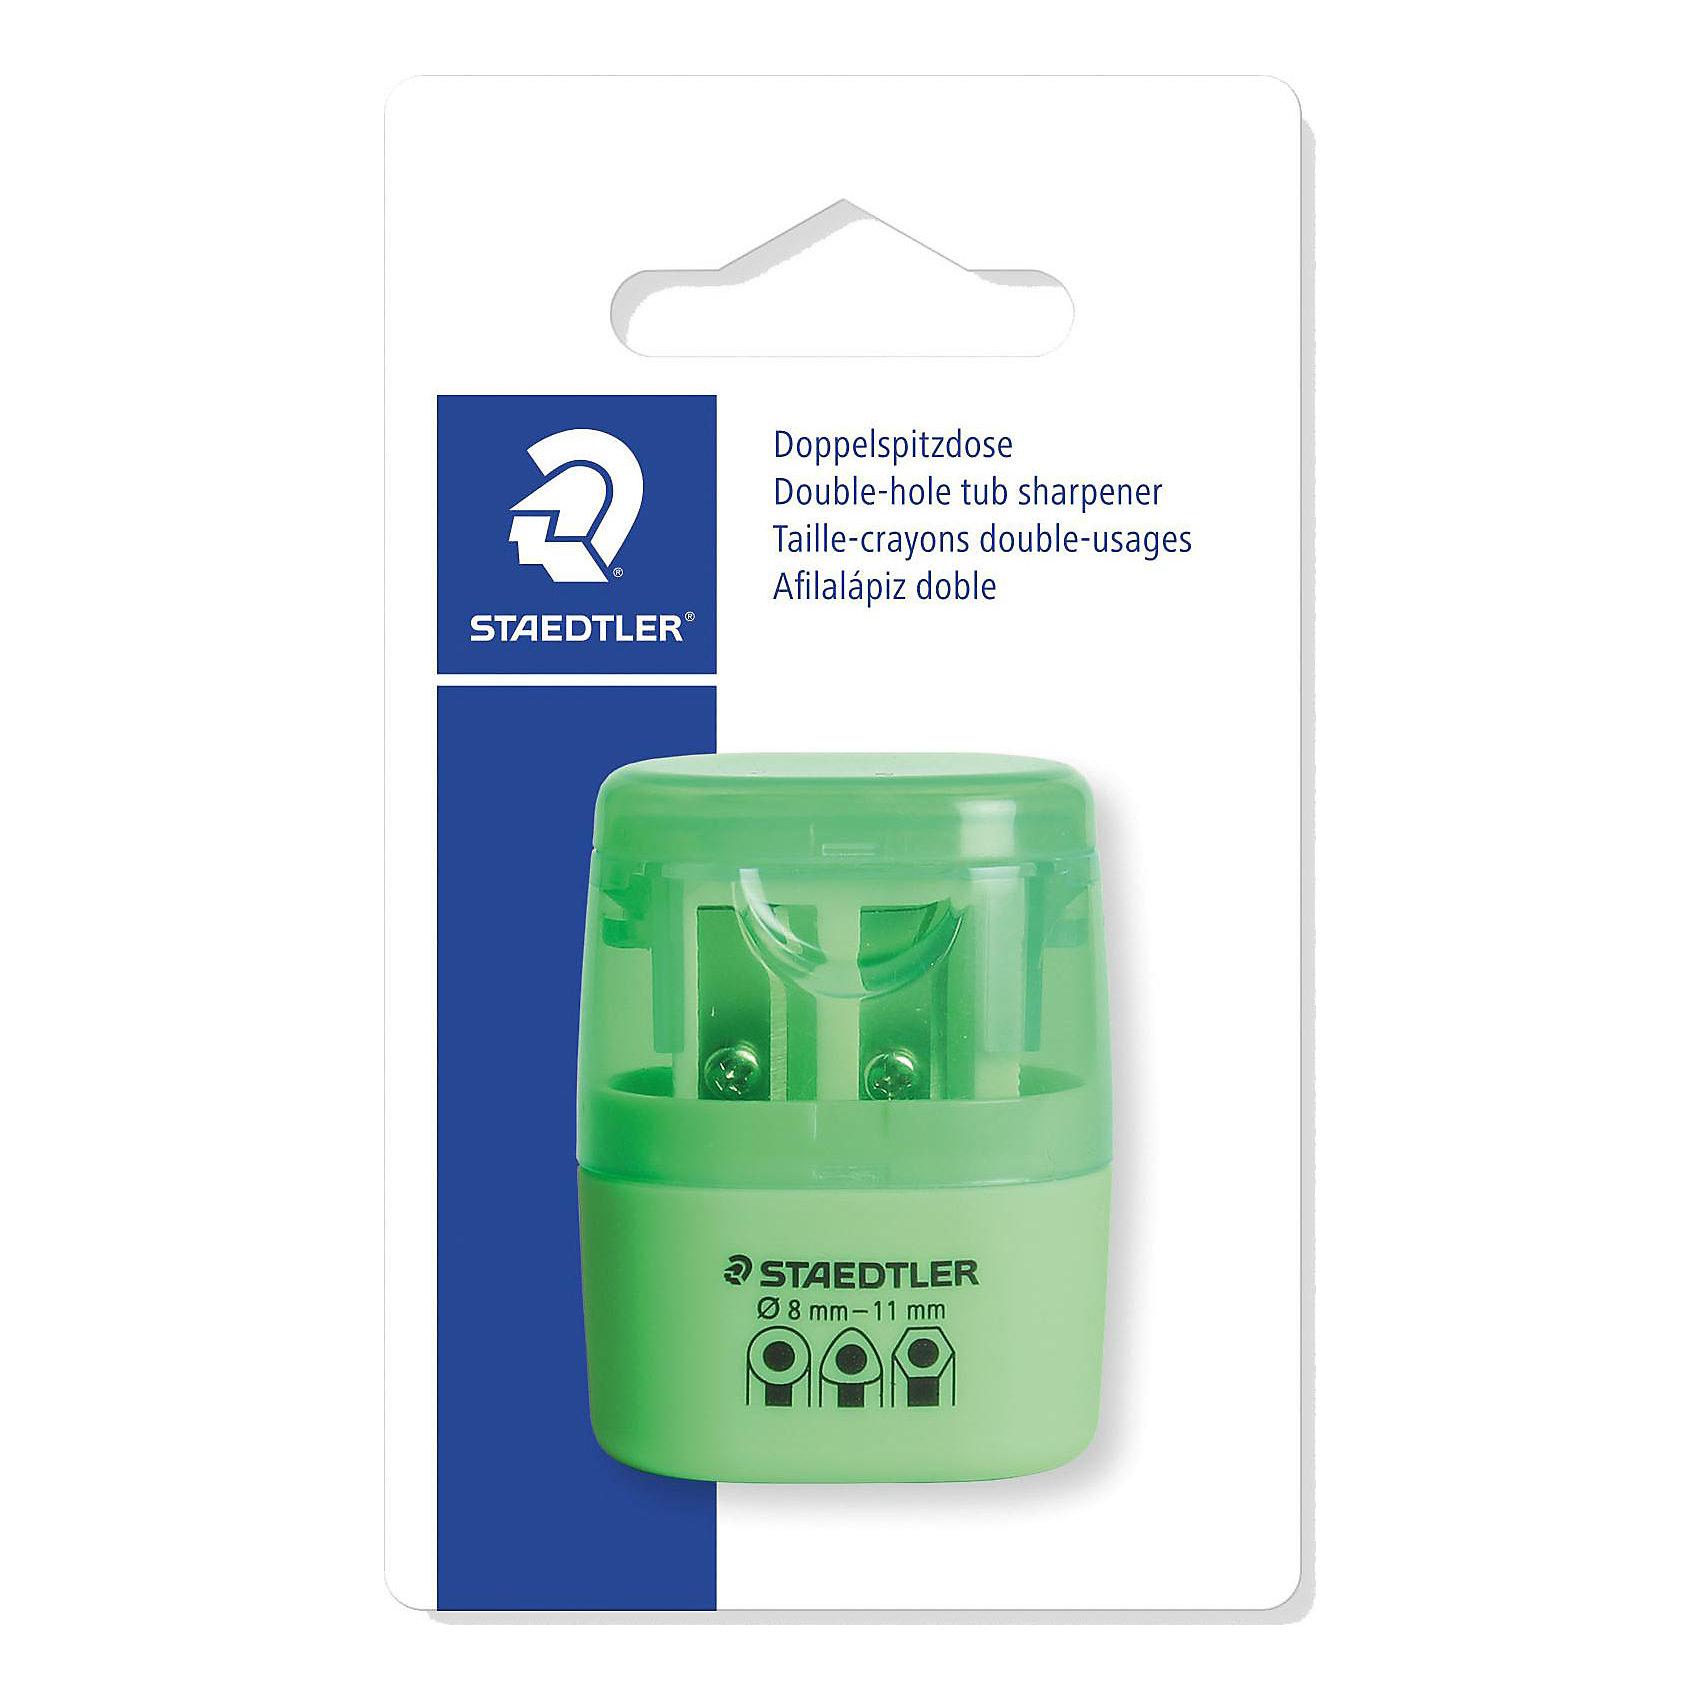 Точилка Staedtler 2 отверстия, зеленый неонПисьменные принадлежности<br>Характеристики:<br><br>• возраст: от 5 лет<br>• количество отверстий: 2<br>• материал: пластик, металл<br>• цвет: неон зелёный<br>• упаковка: блистер<br>• размер упаковки: 10х7х3 см.<br><br>Точилка в пластиковом корпусе на 2 отверстия подходит для чернографитовых стандартных карандашей диаметром до 8,2 мм с углом заточки 23° для четких и аккуратных линий. Также для толстых чернографитовых и цветных карандашей диаметром до 11 мм, угол заточки 30° для широких и ровных линий. Металлическая затачивающая часть. Закрытая конструкция предотвращает высыпание мусора во время заточки. Безопасный крепеж крышки.<br><br>STAEDTLER Точилку в пластиковом корпусе на 2 отверстия, неон зелёный можно купить в нашем интернет-магазине.<br><br>Ширина мм: 110<br>Глубина мм: 66<br>Высота мм: 27<br>Вес г: 19<br>Возраст от месяцев: 60<br>Возраст до месяцев: 2147483647<br>Пол: Унисекс<br>Возраст: Детский<br>SKU: 7065366